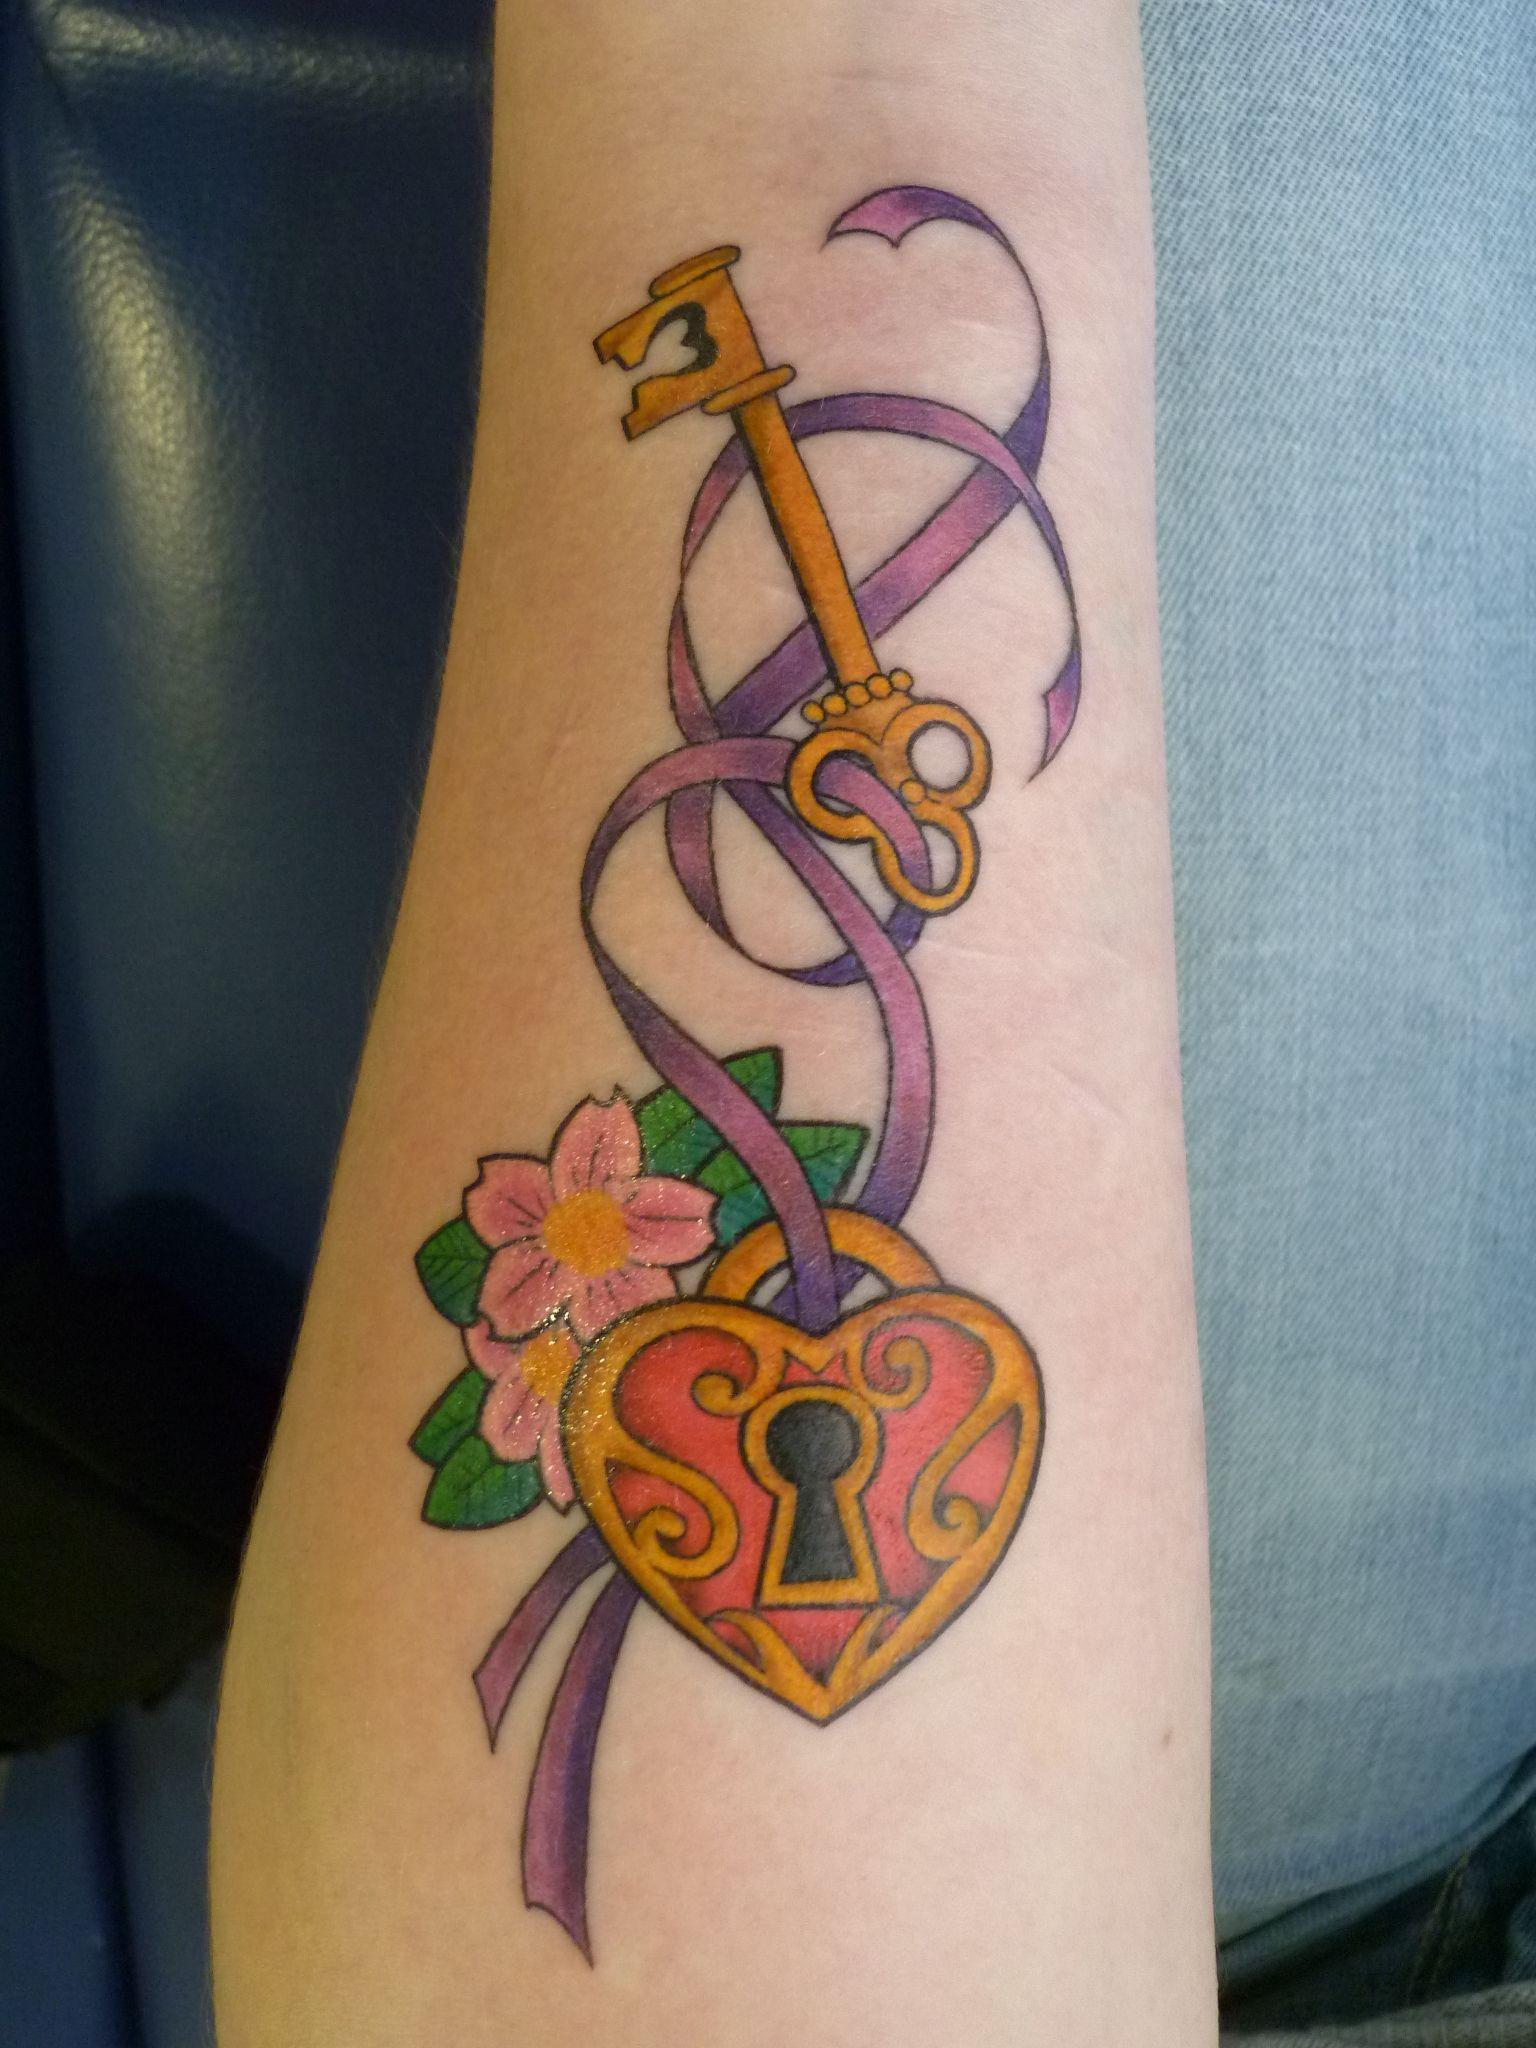 Pics photos heart lock flowers n key tattoo design - Antique Lock And Key Tattoos Key Lock Sleutel Tattoo